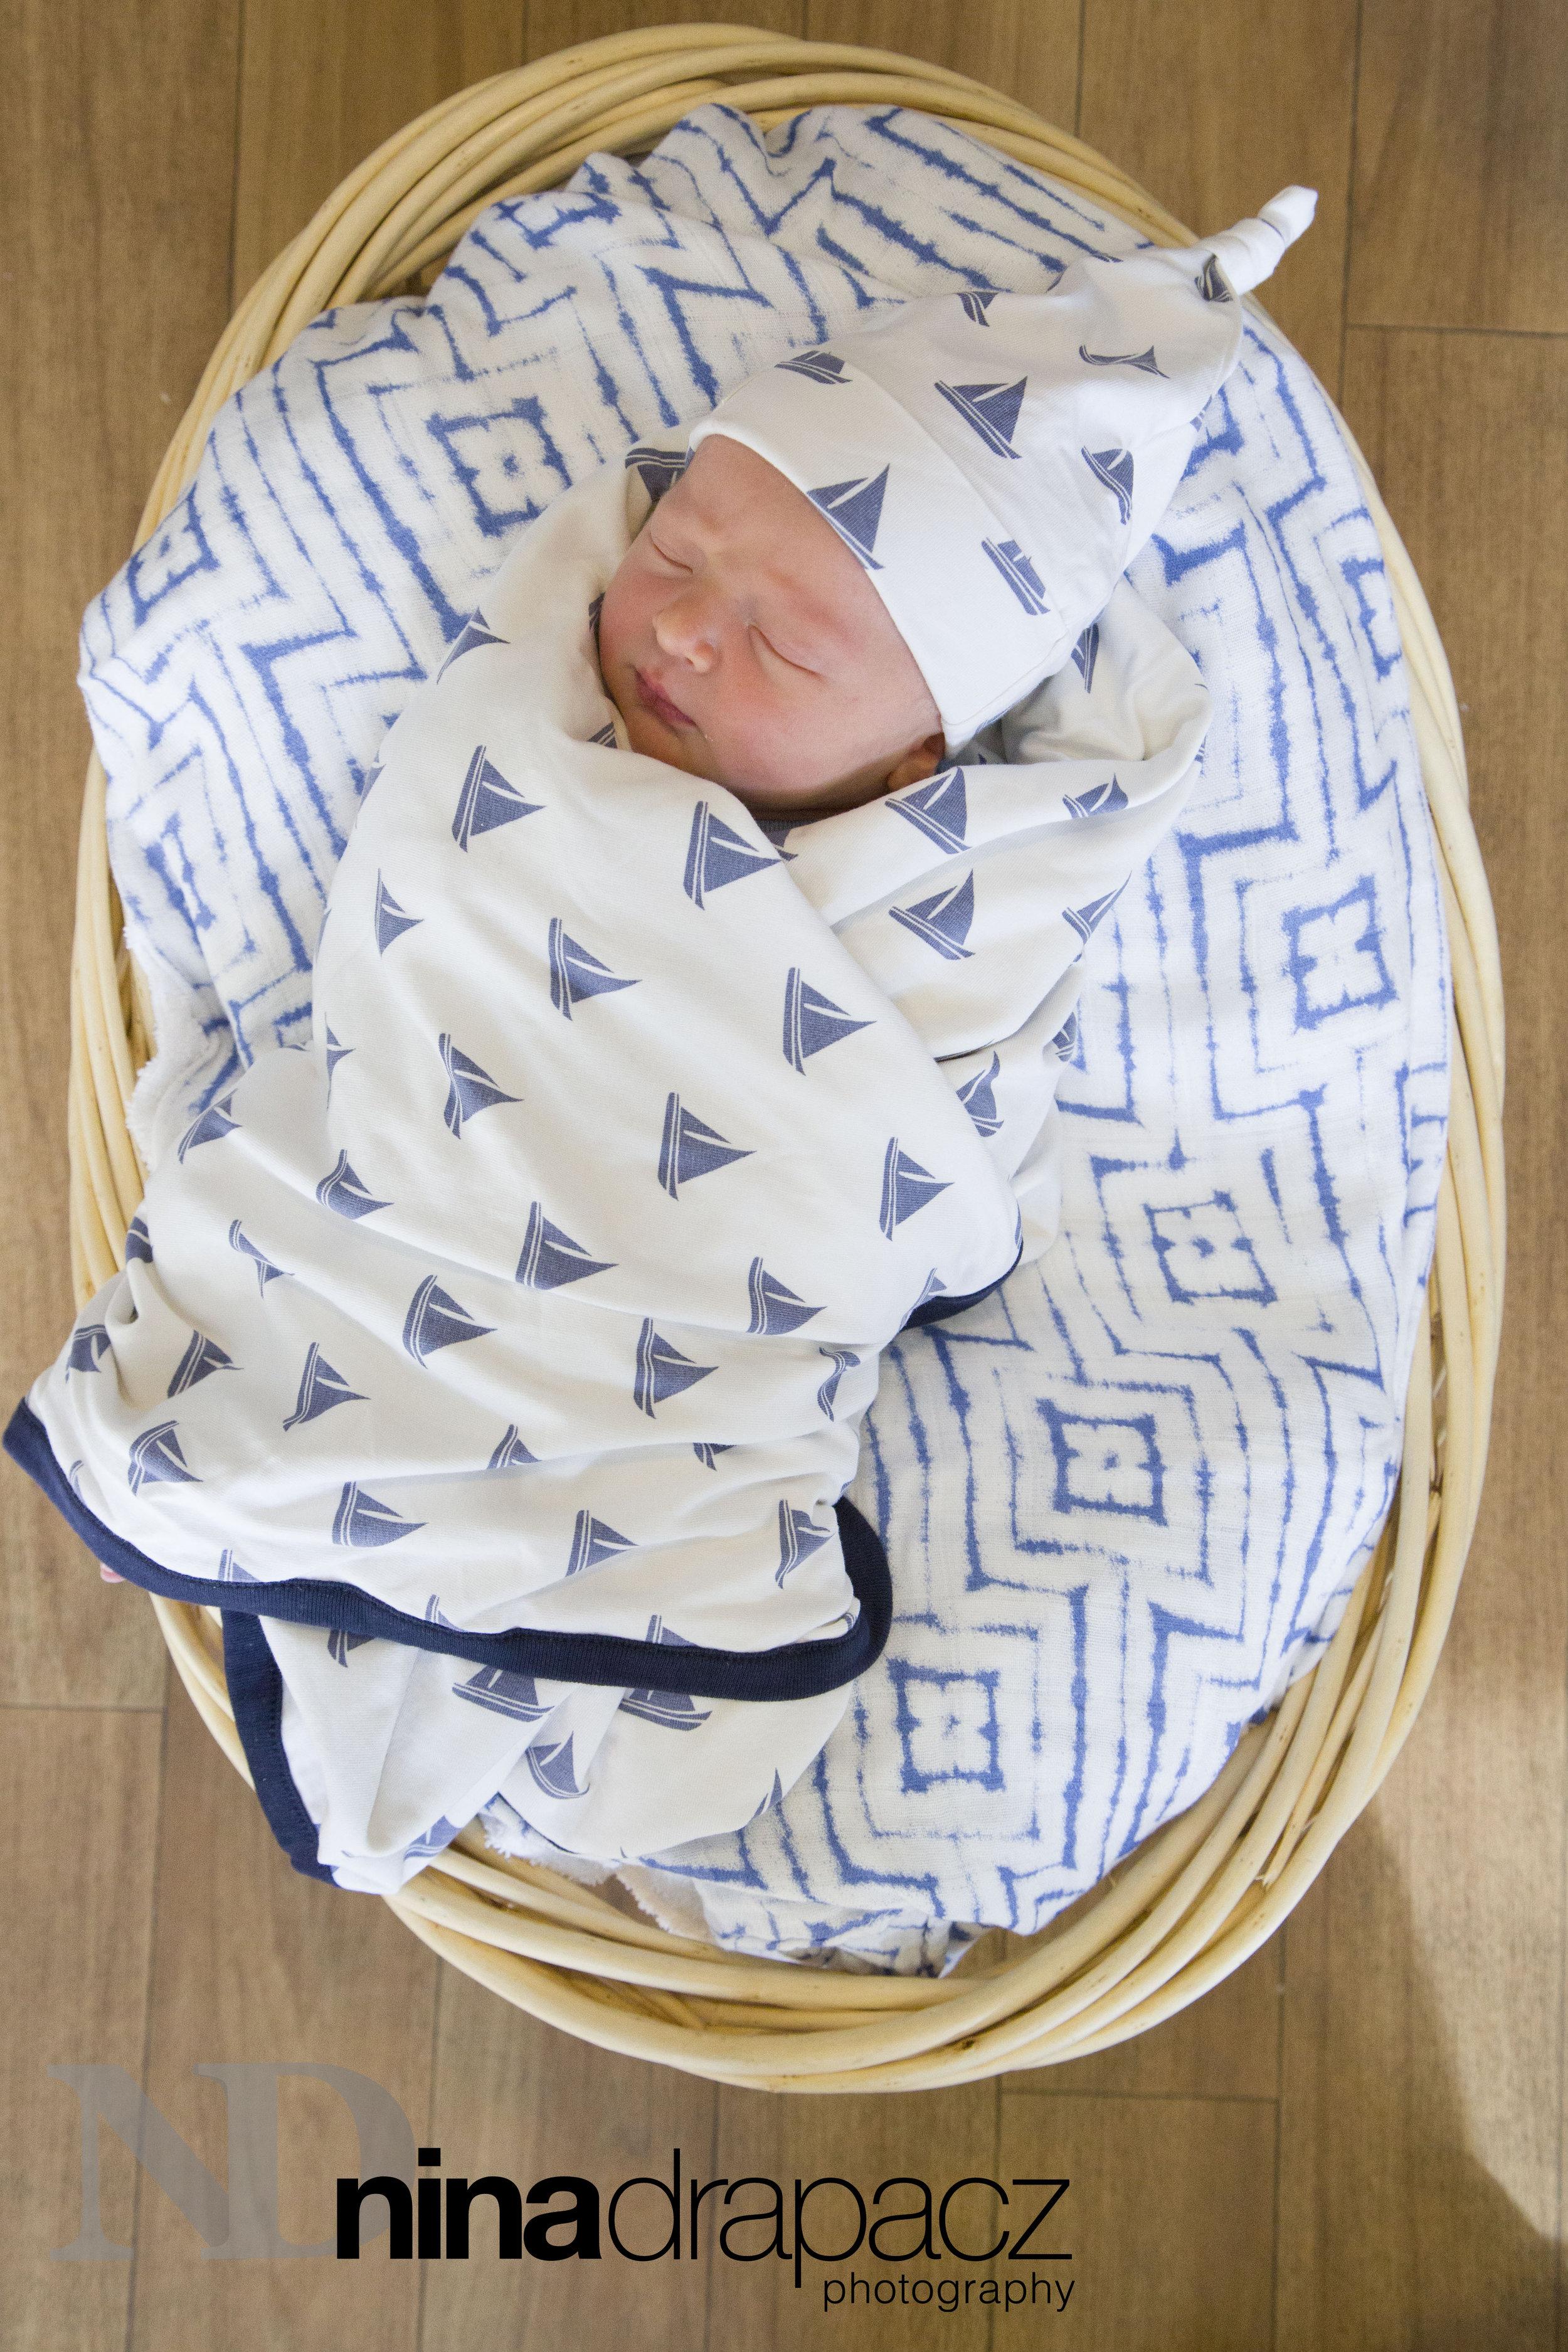 newbornboybasket.jpg